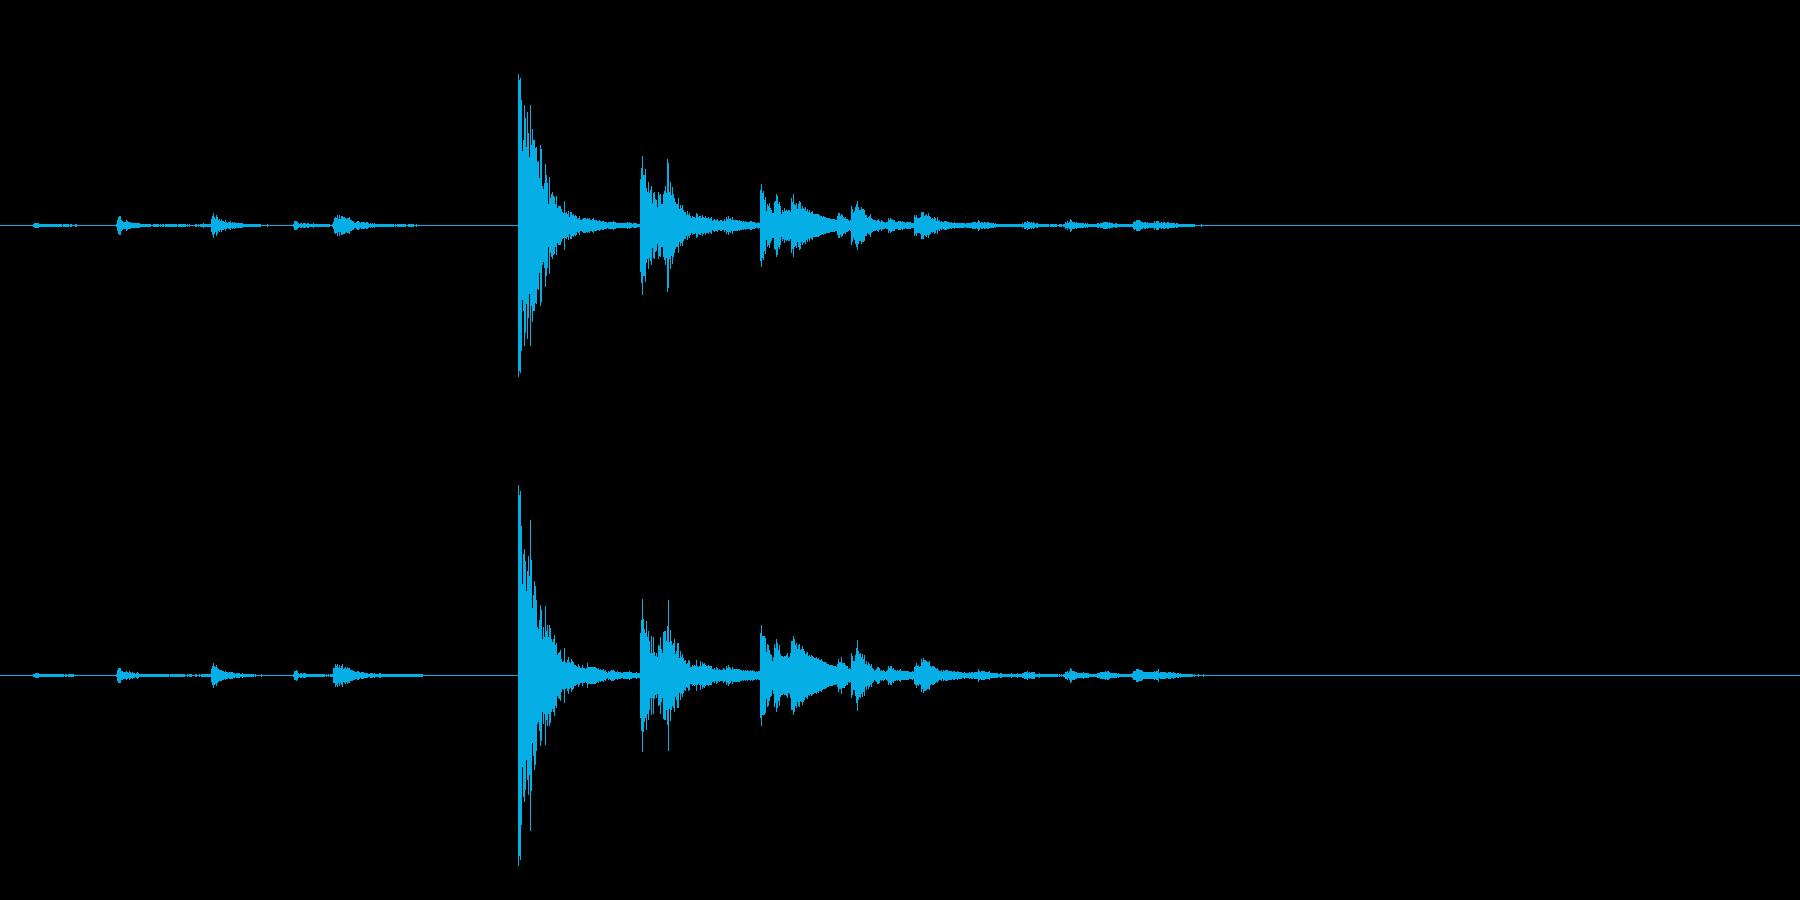 陶器の貯金箱にコインを入れる音の再生済みの波形